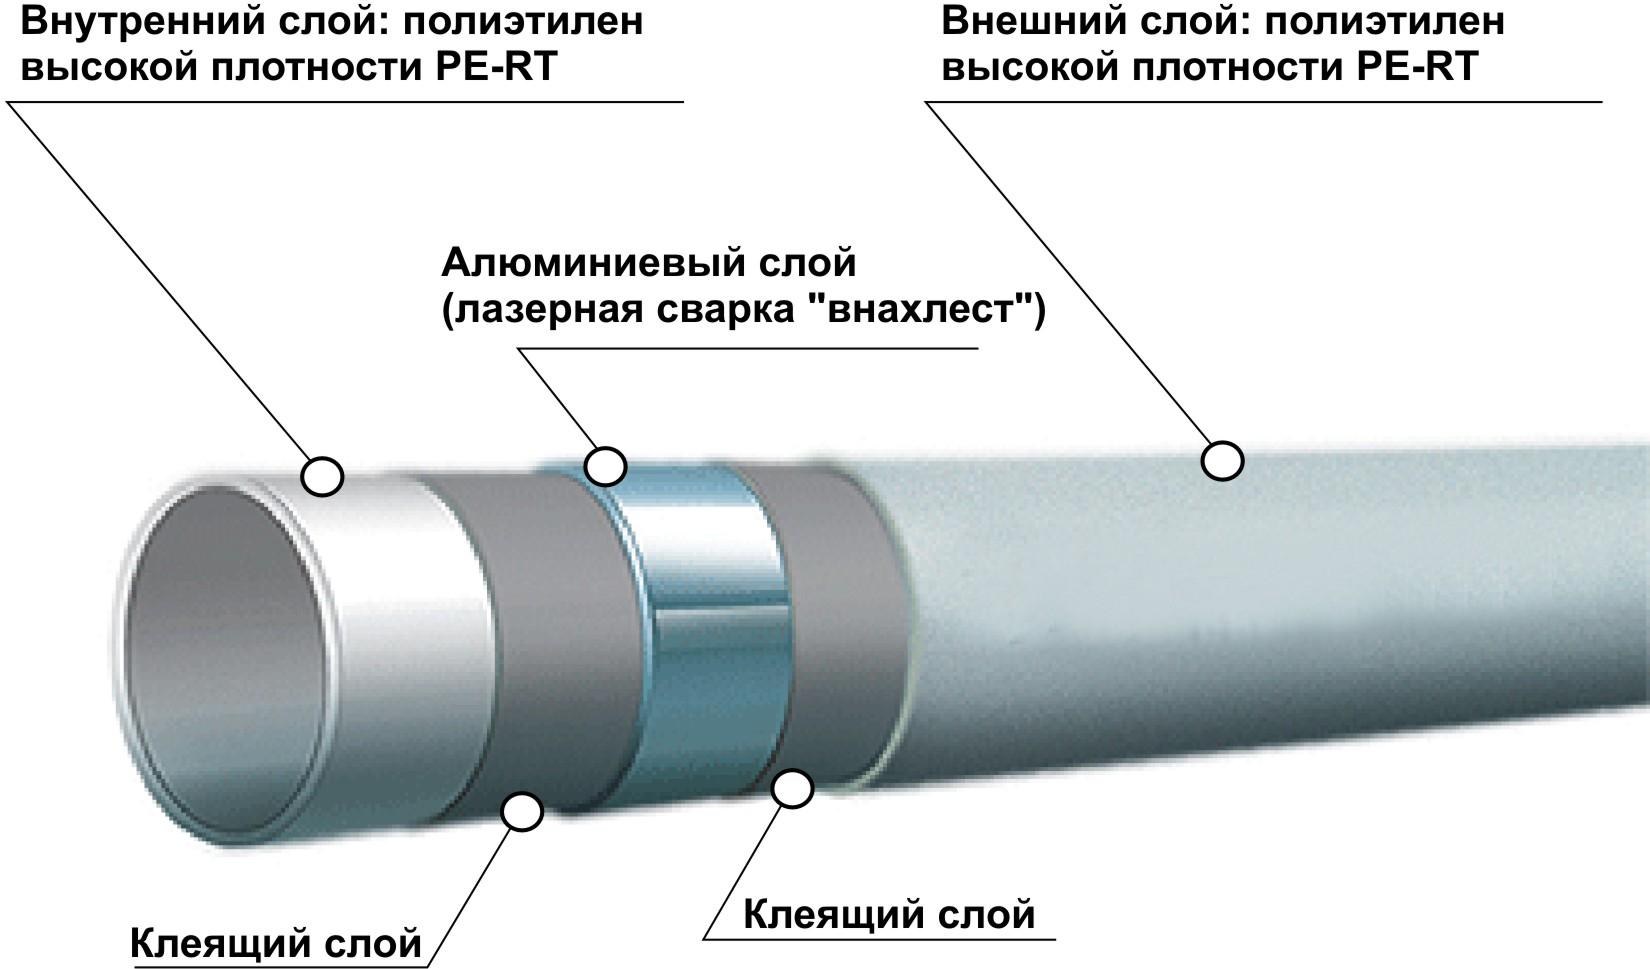 Конструкция трубы